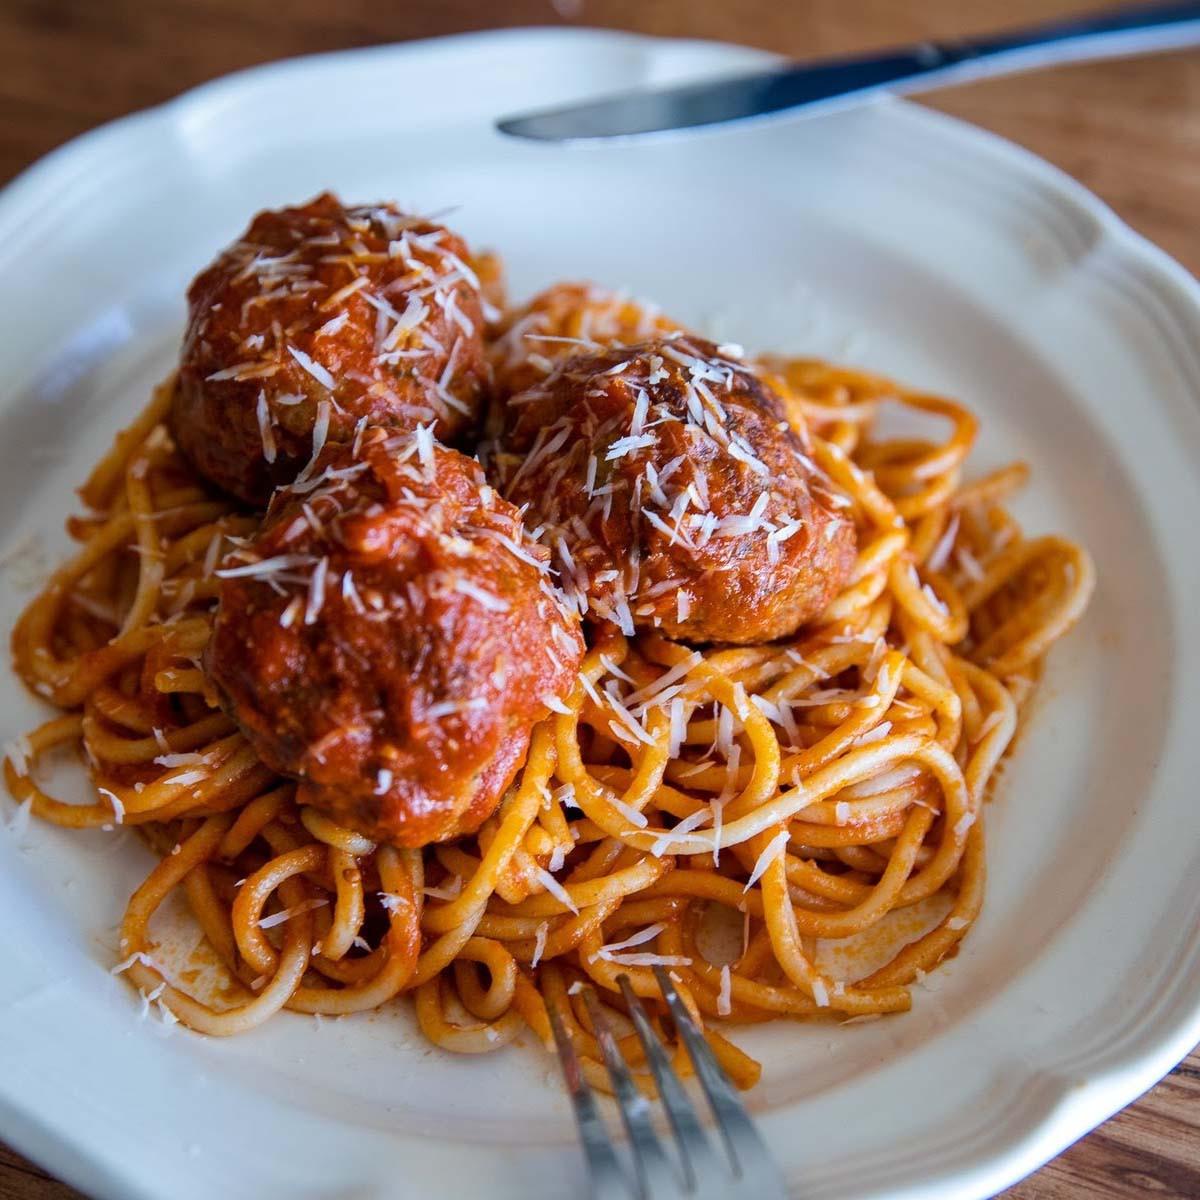 Grassroots Spaghetti & Meatballs